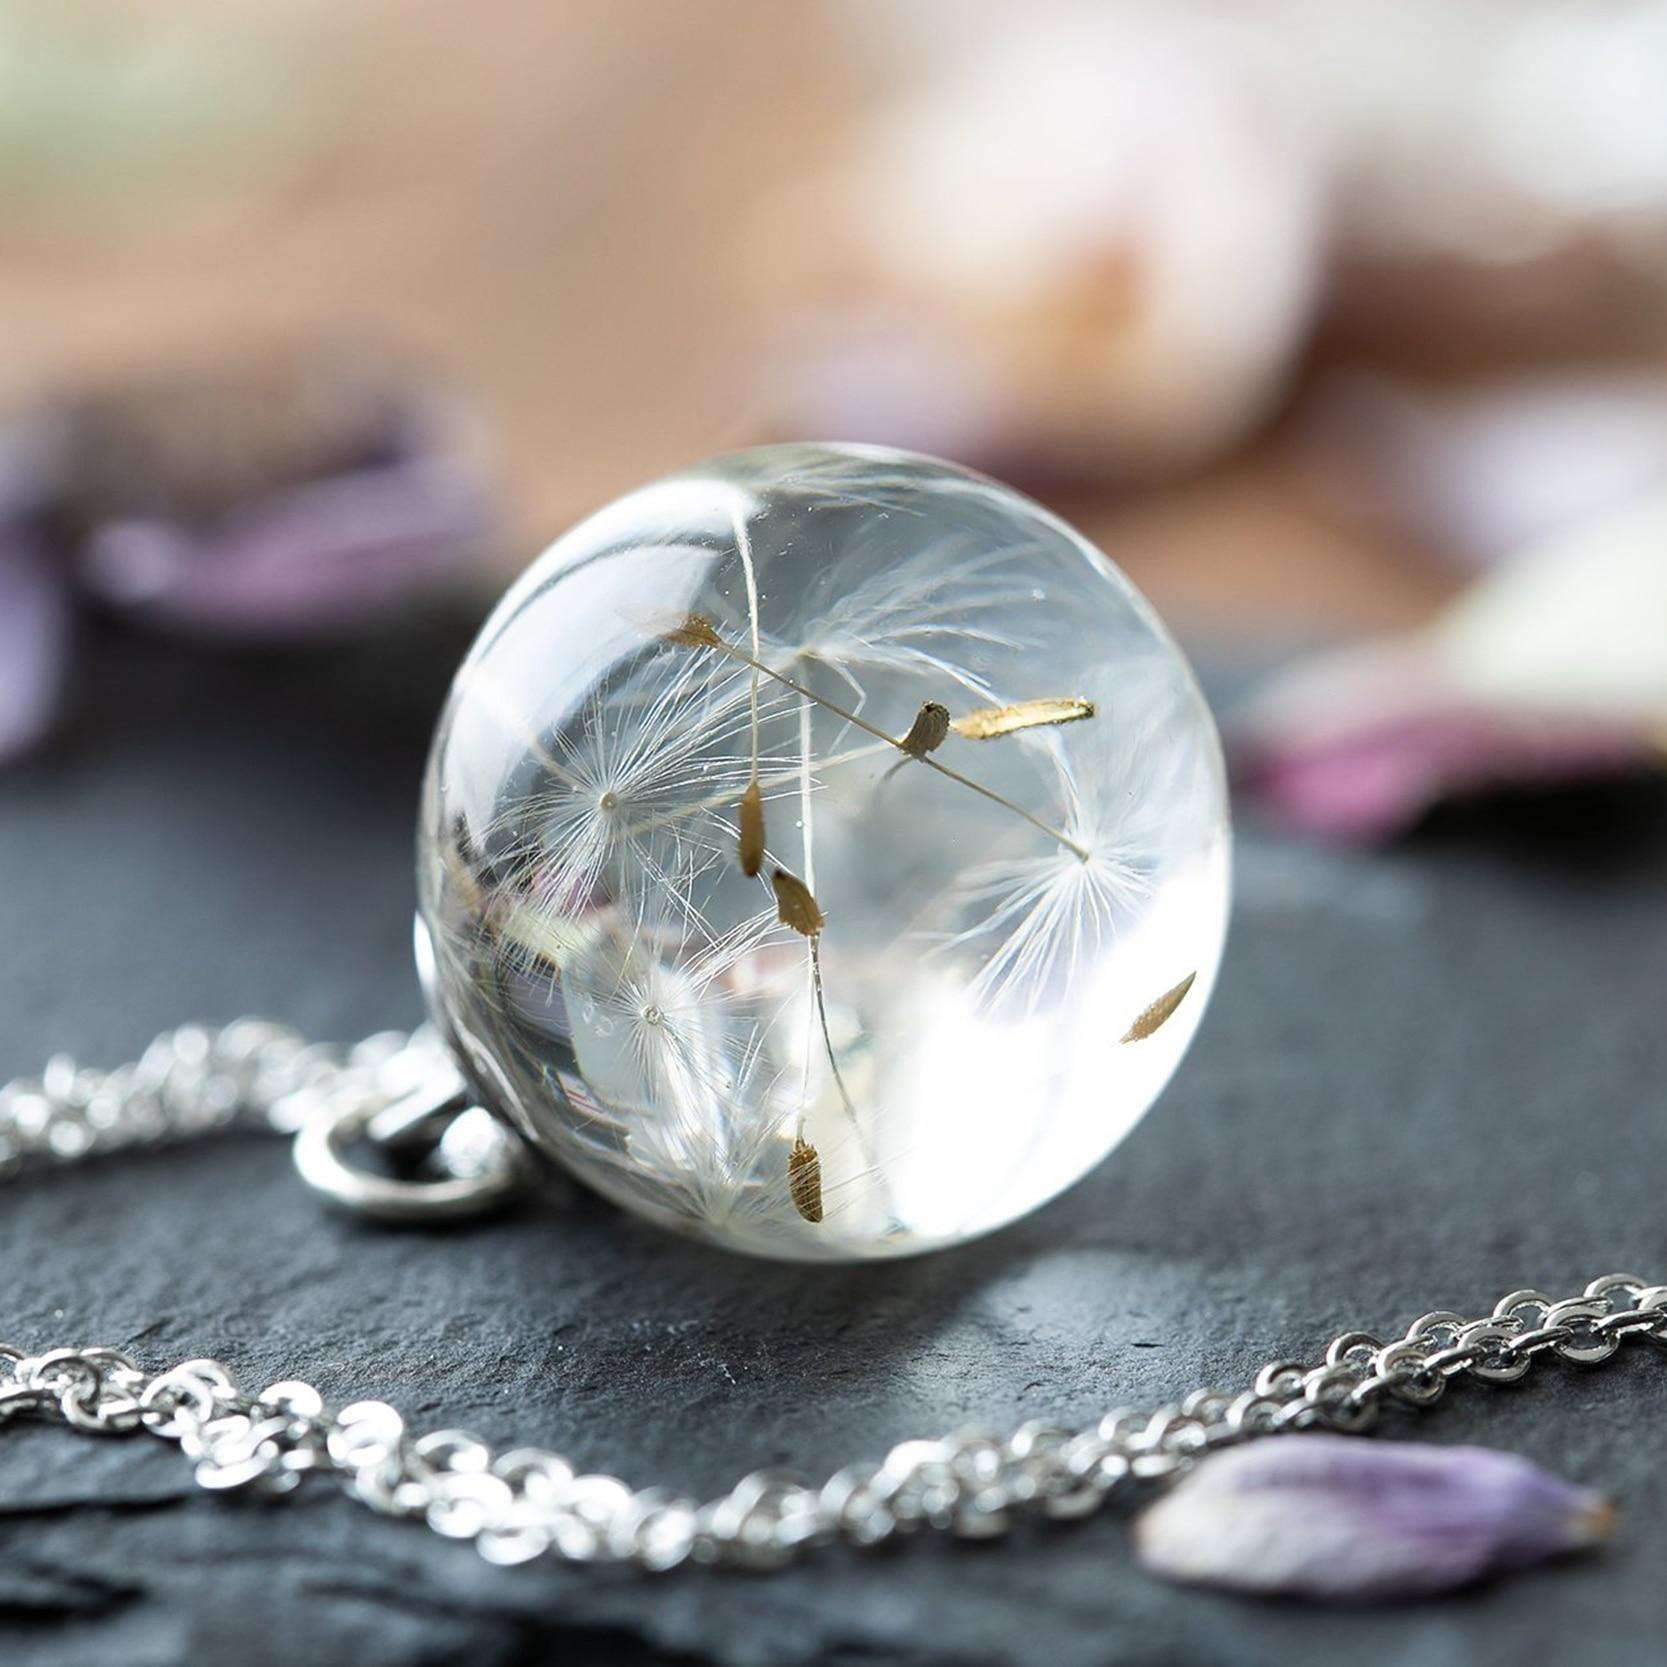 Одуванчик, желающее ожерелье, настоящие семена одуванчика в прозрачном хрустальном шарике, подвеска, ожерелье ручной работы, подарок для не...